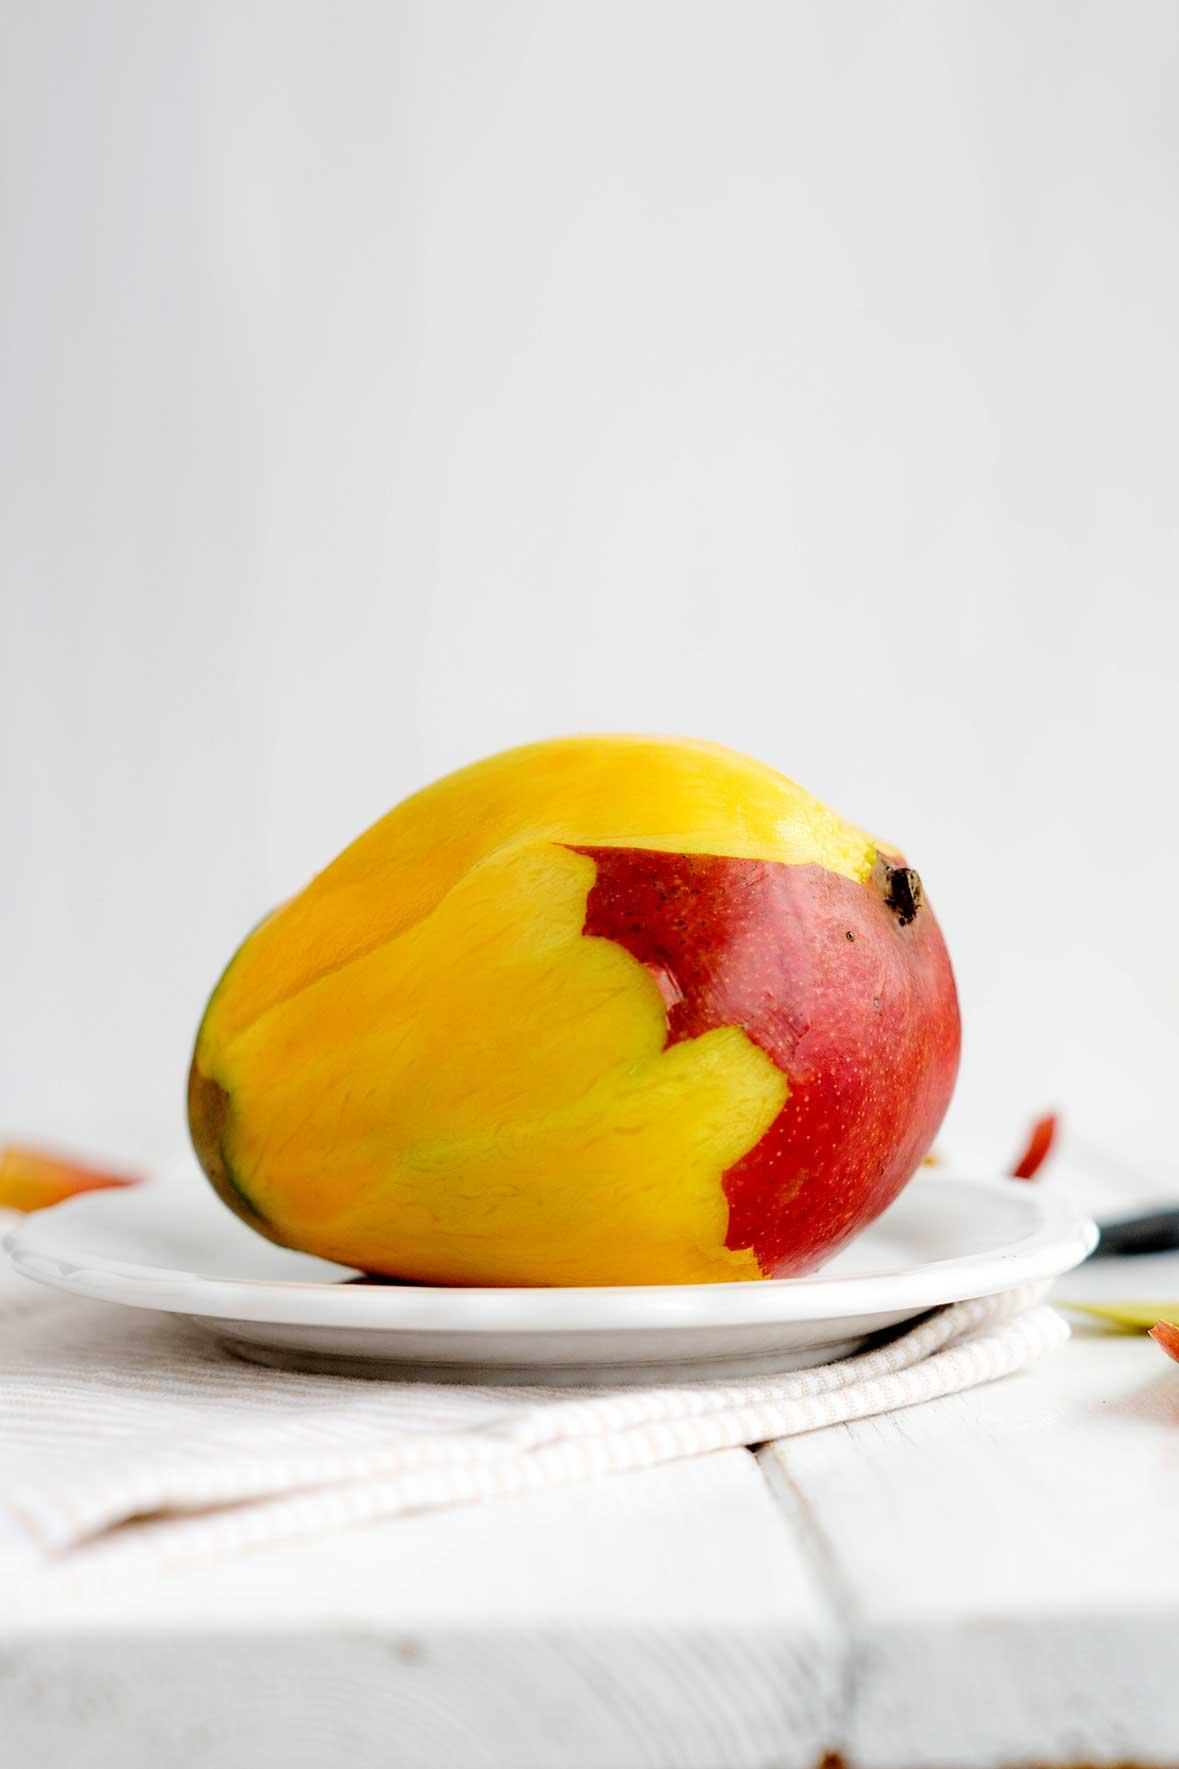 Geschälte Mango auf einem Teller